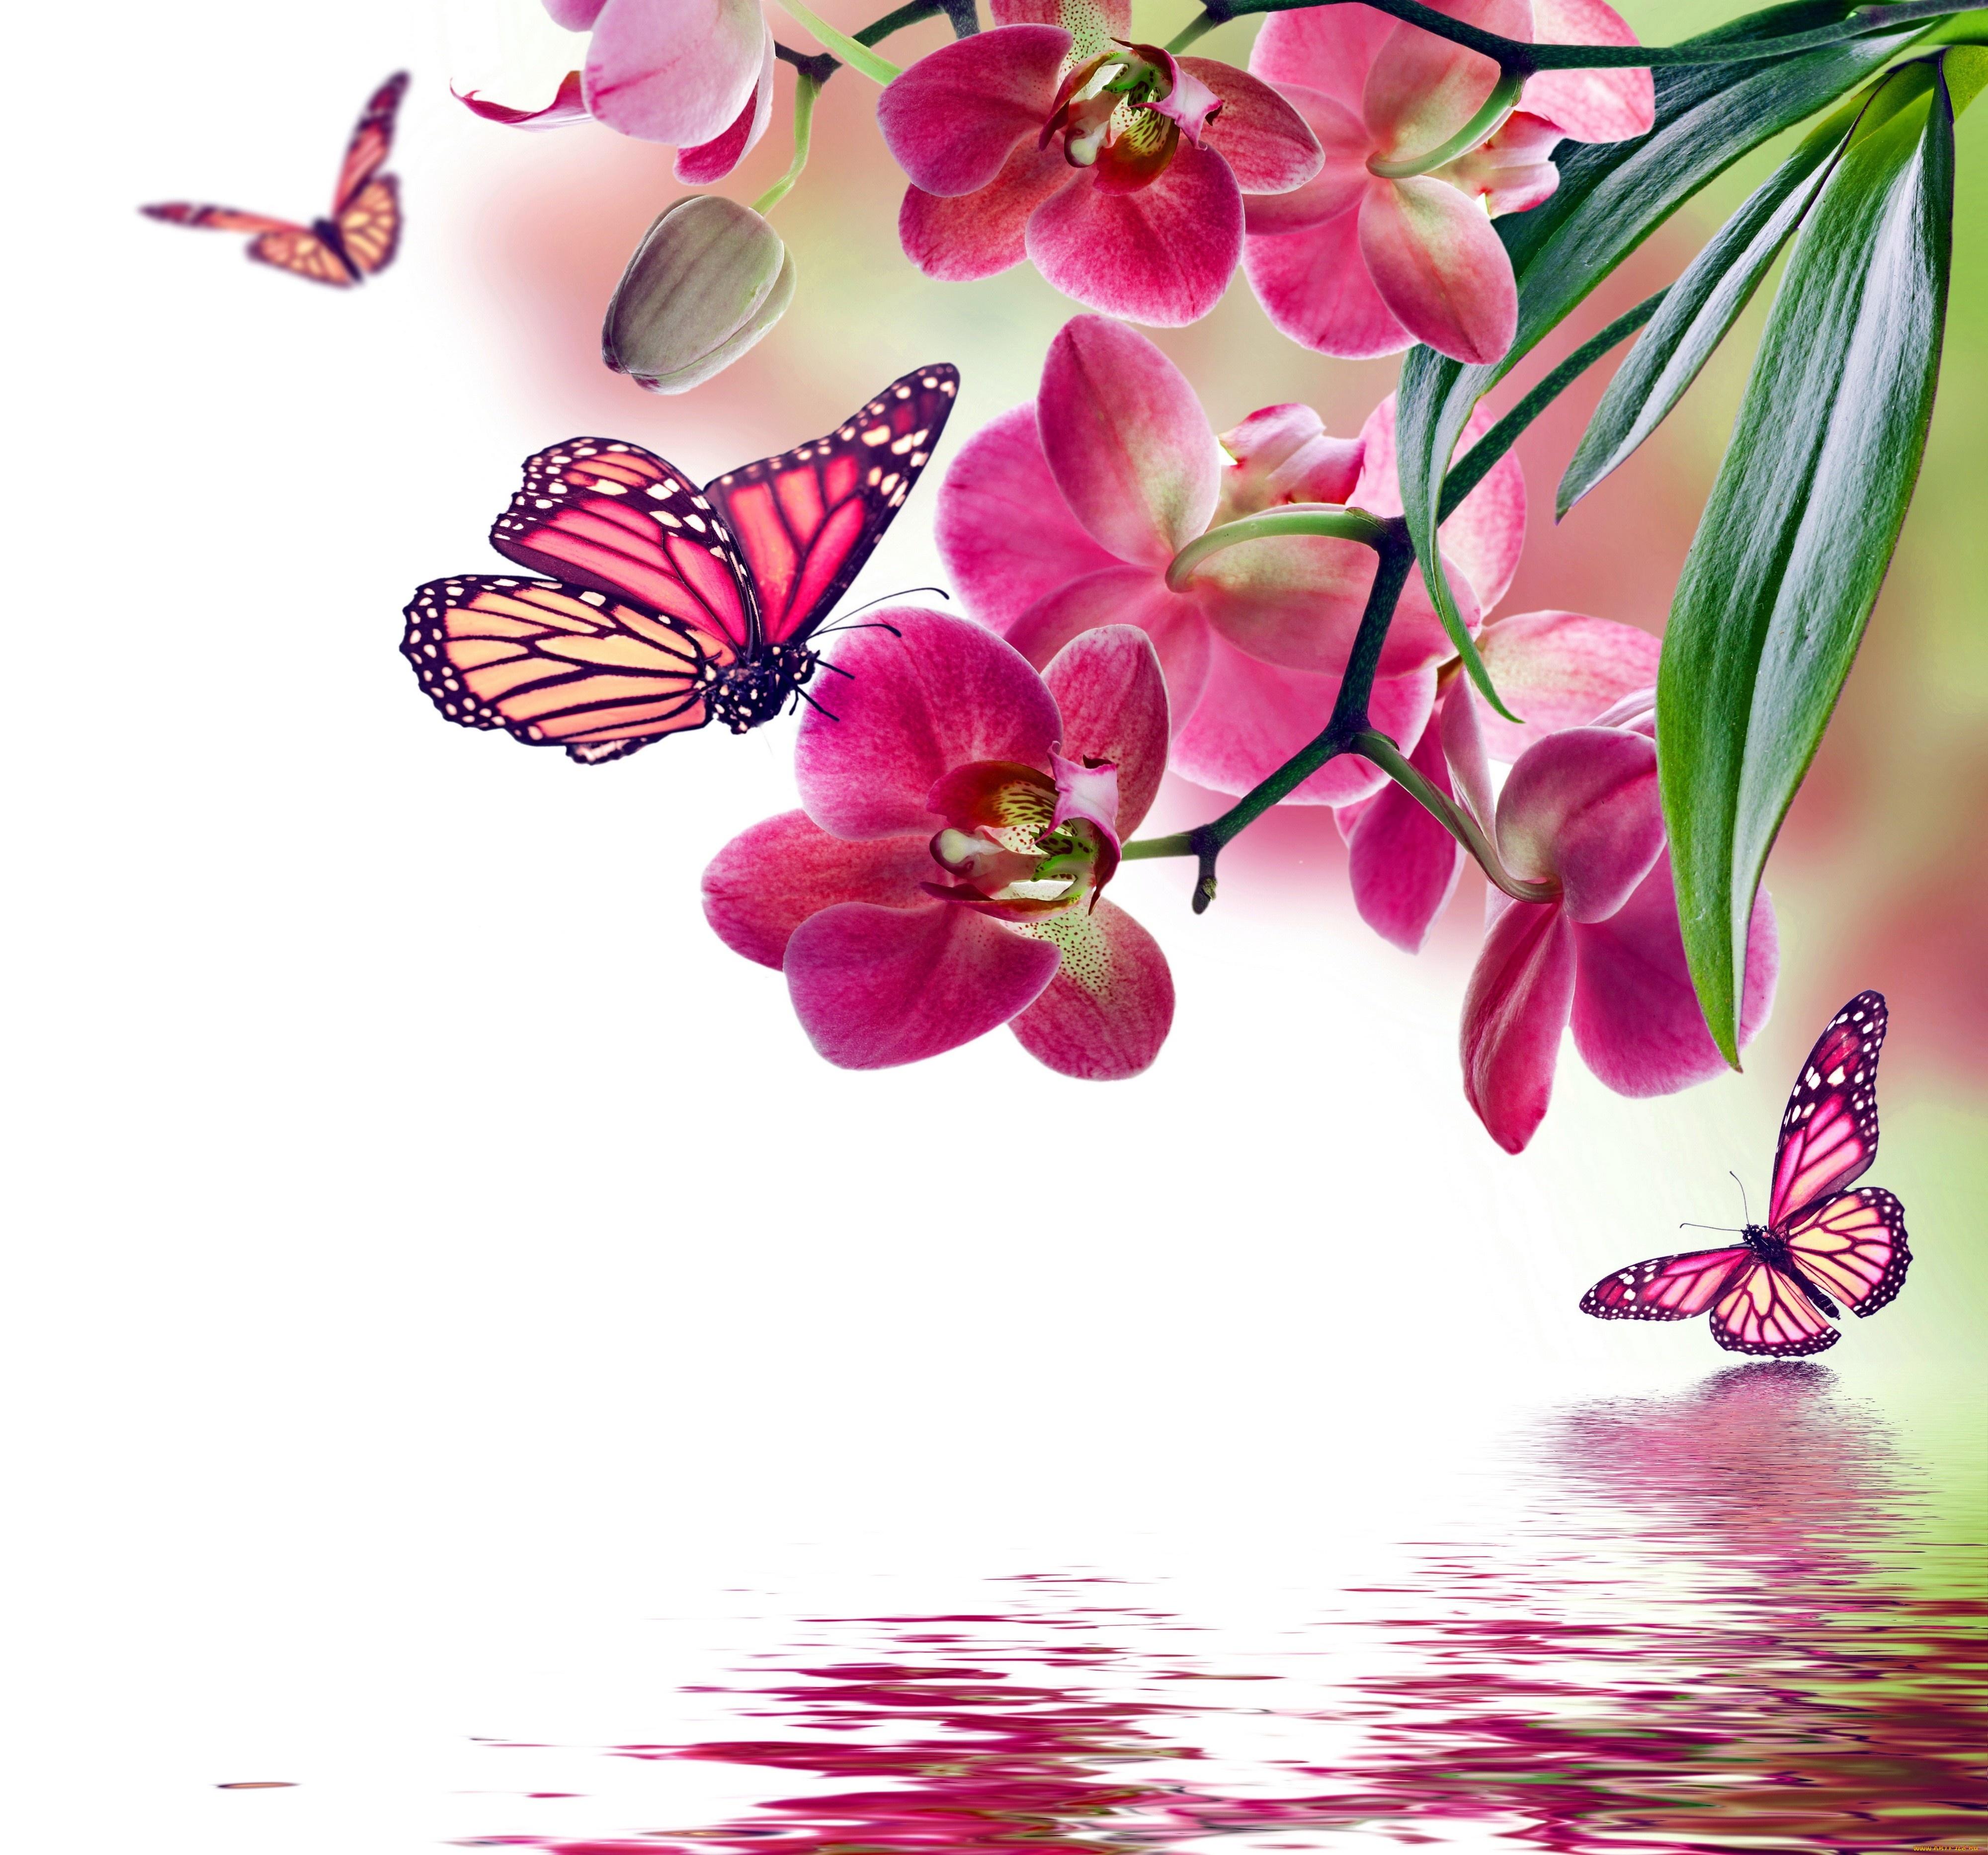 Орхидеи и бабочки обои на рабочий стол скачать бесплатно